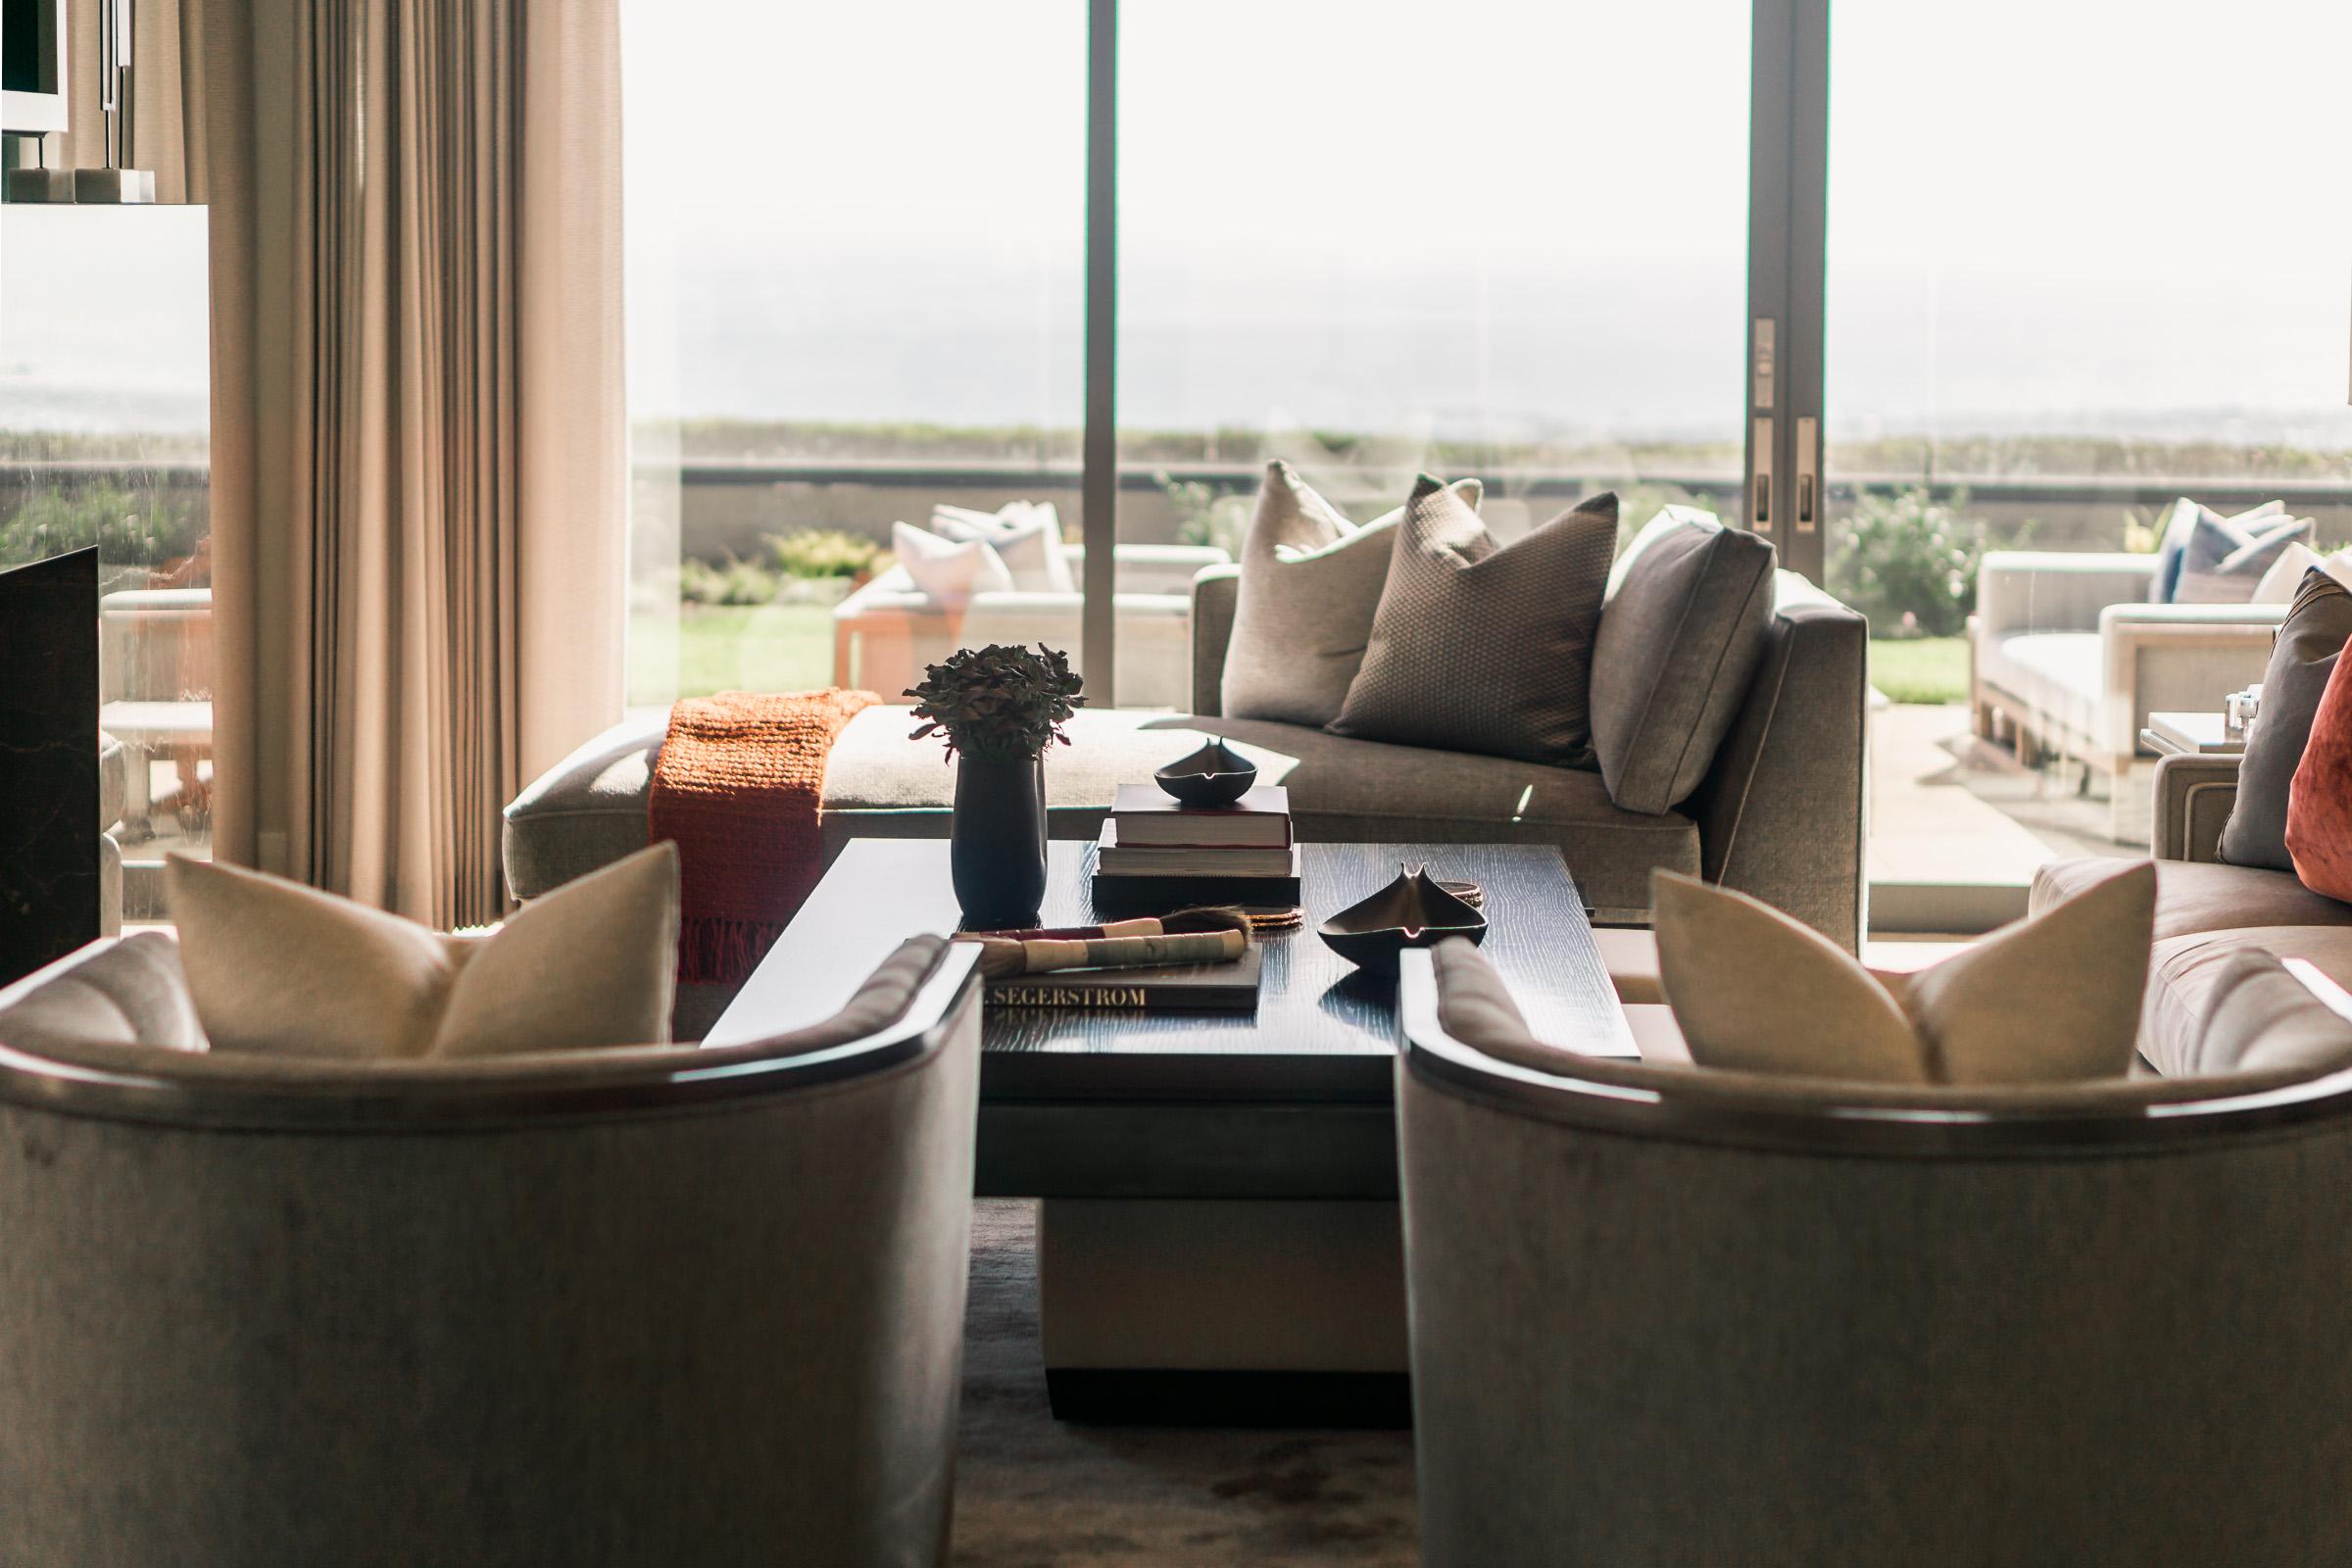 64_Corona-Del-Mar-home_Design-a-Details-Firm_Joseph-Barber-Studios03192.jpg